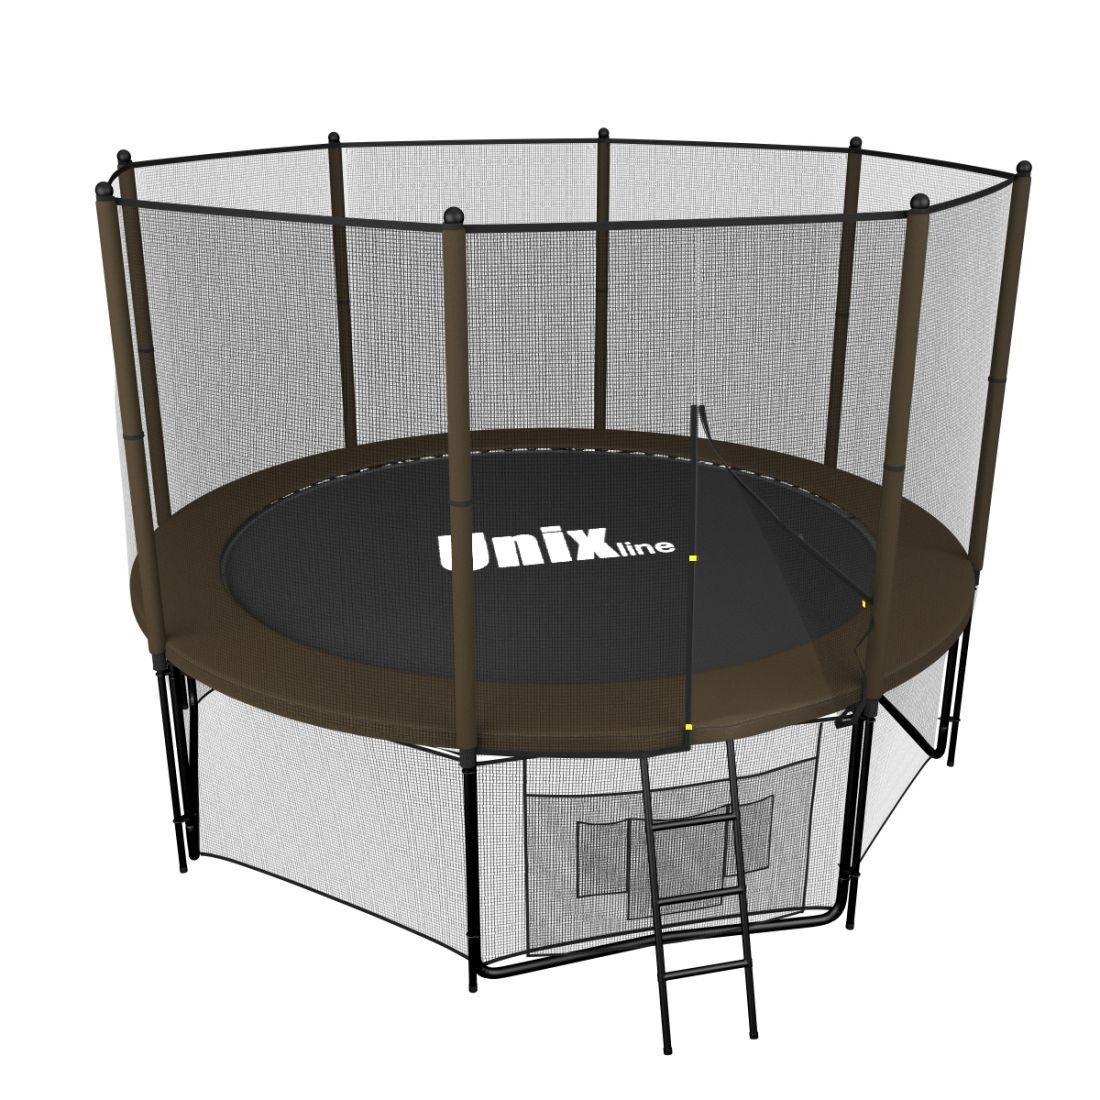 Батут с внешней защитной сеткой - Unix Line 8FT (2,43м), цвет черно-коричневый